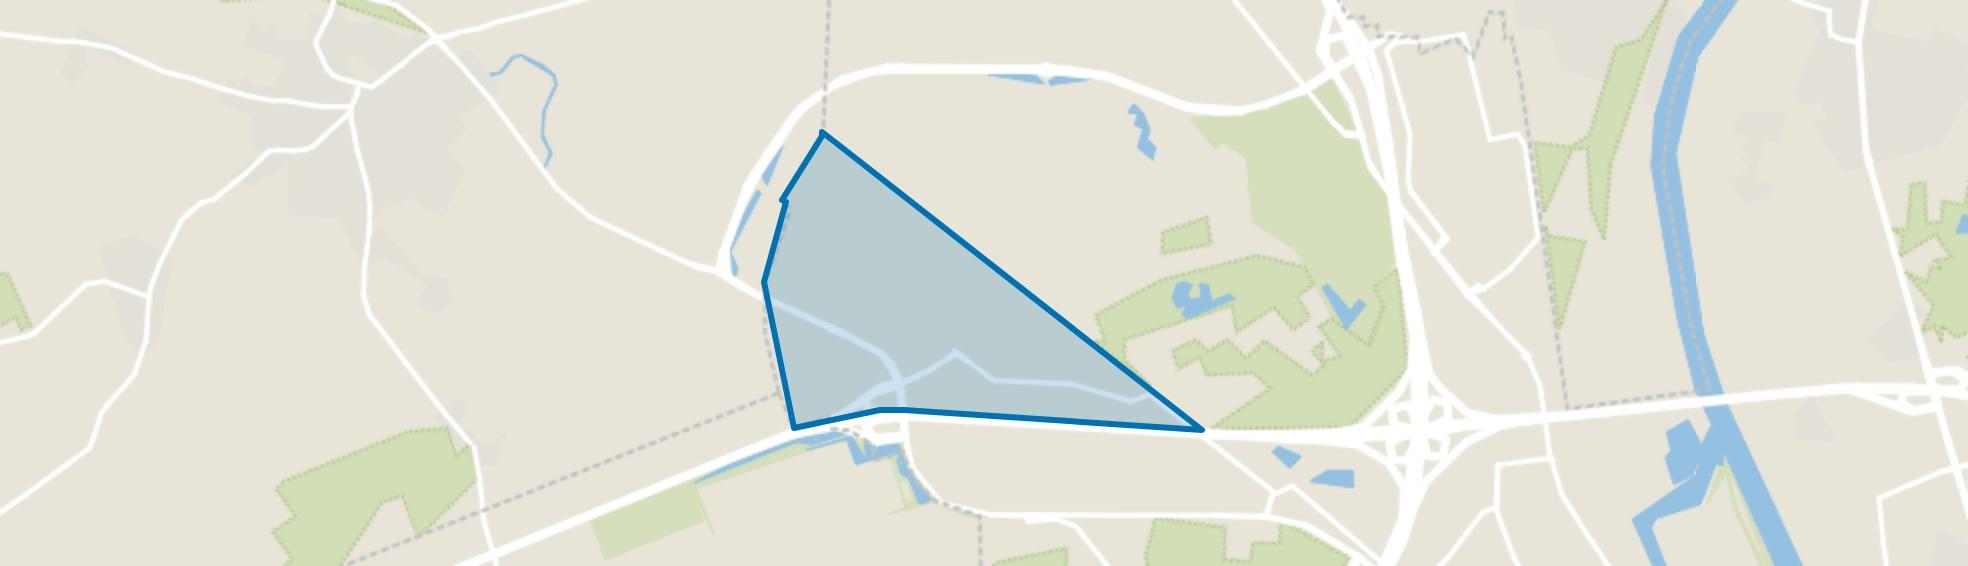 Heierhoeve, Venlo map